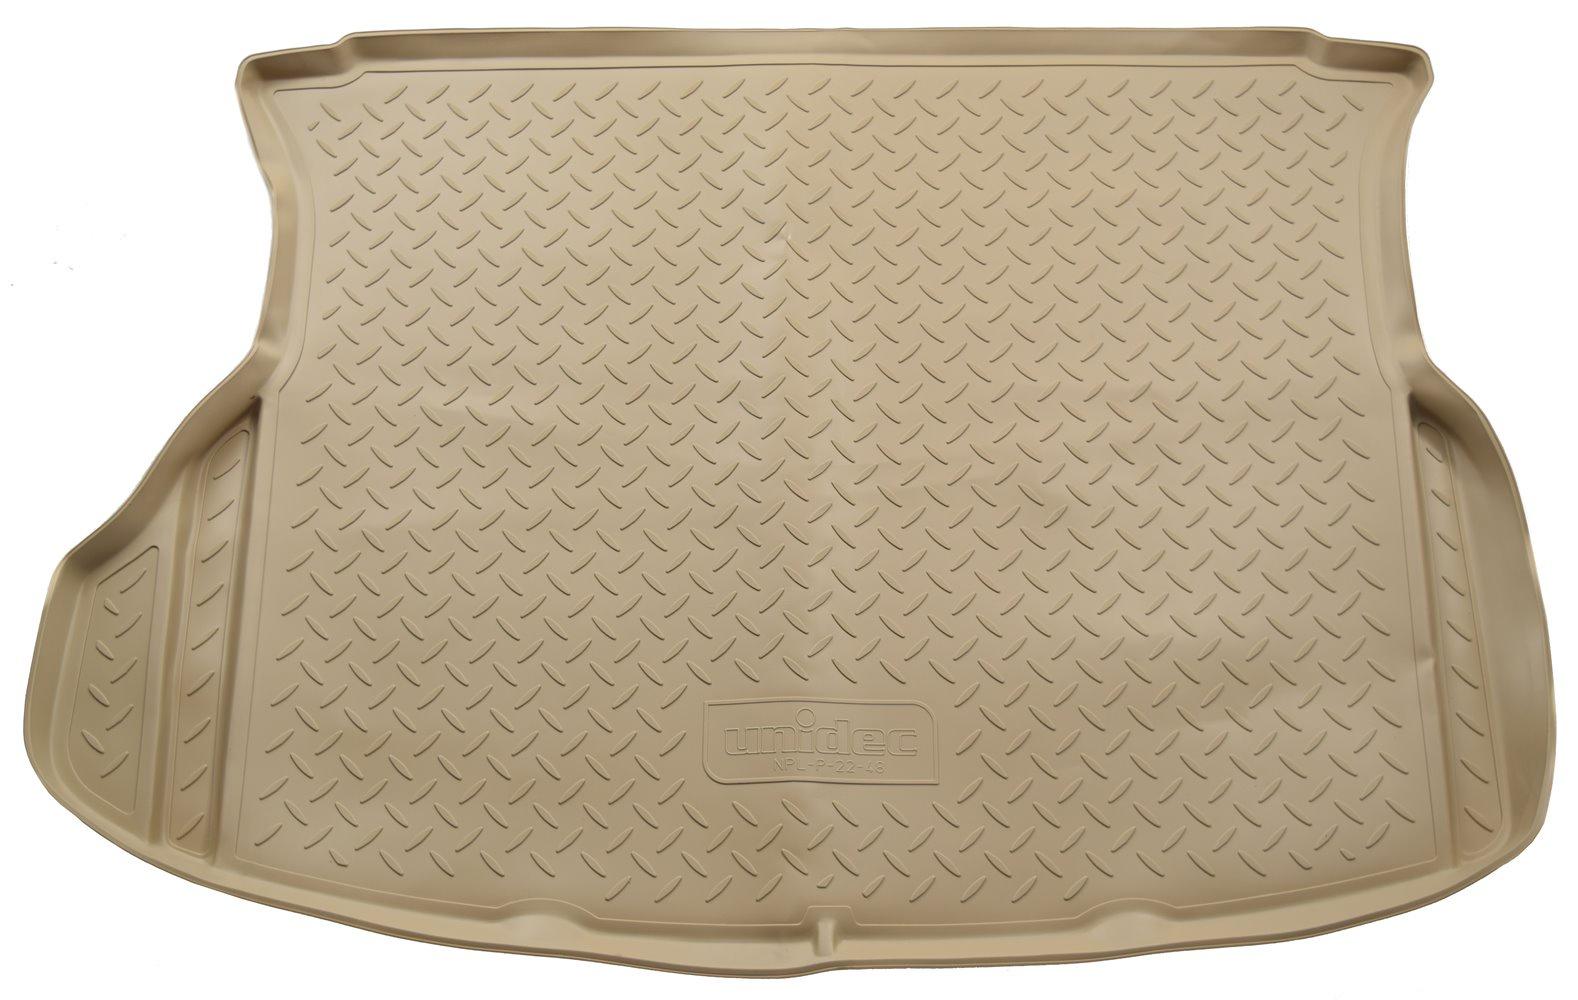 Коврик багажника Norplast для Infiniti fx s51 2012/Infiniti qx70 2013, npa00-t33-530-b, бежевый коврик багажника norplast для jeep grand cherokee wk 2010 npa00 t40 100 b бежевый